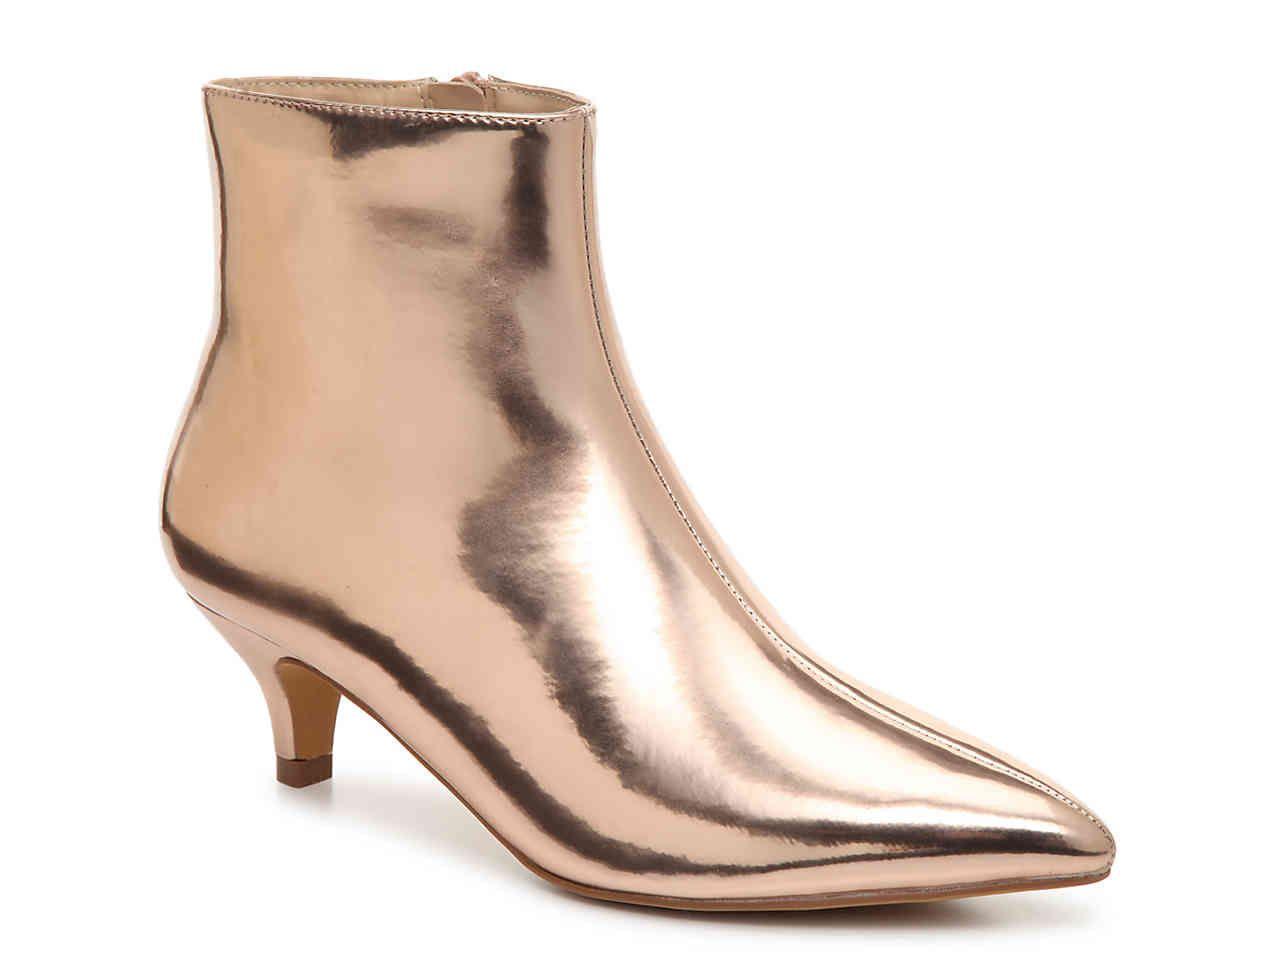 Anne Klein Rheina Pump Kitten Heel Pumps Pumps Anne Klein Shoes